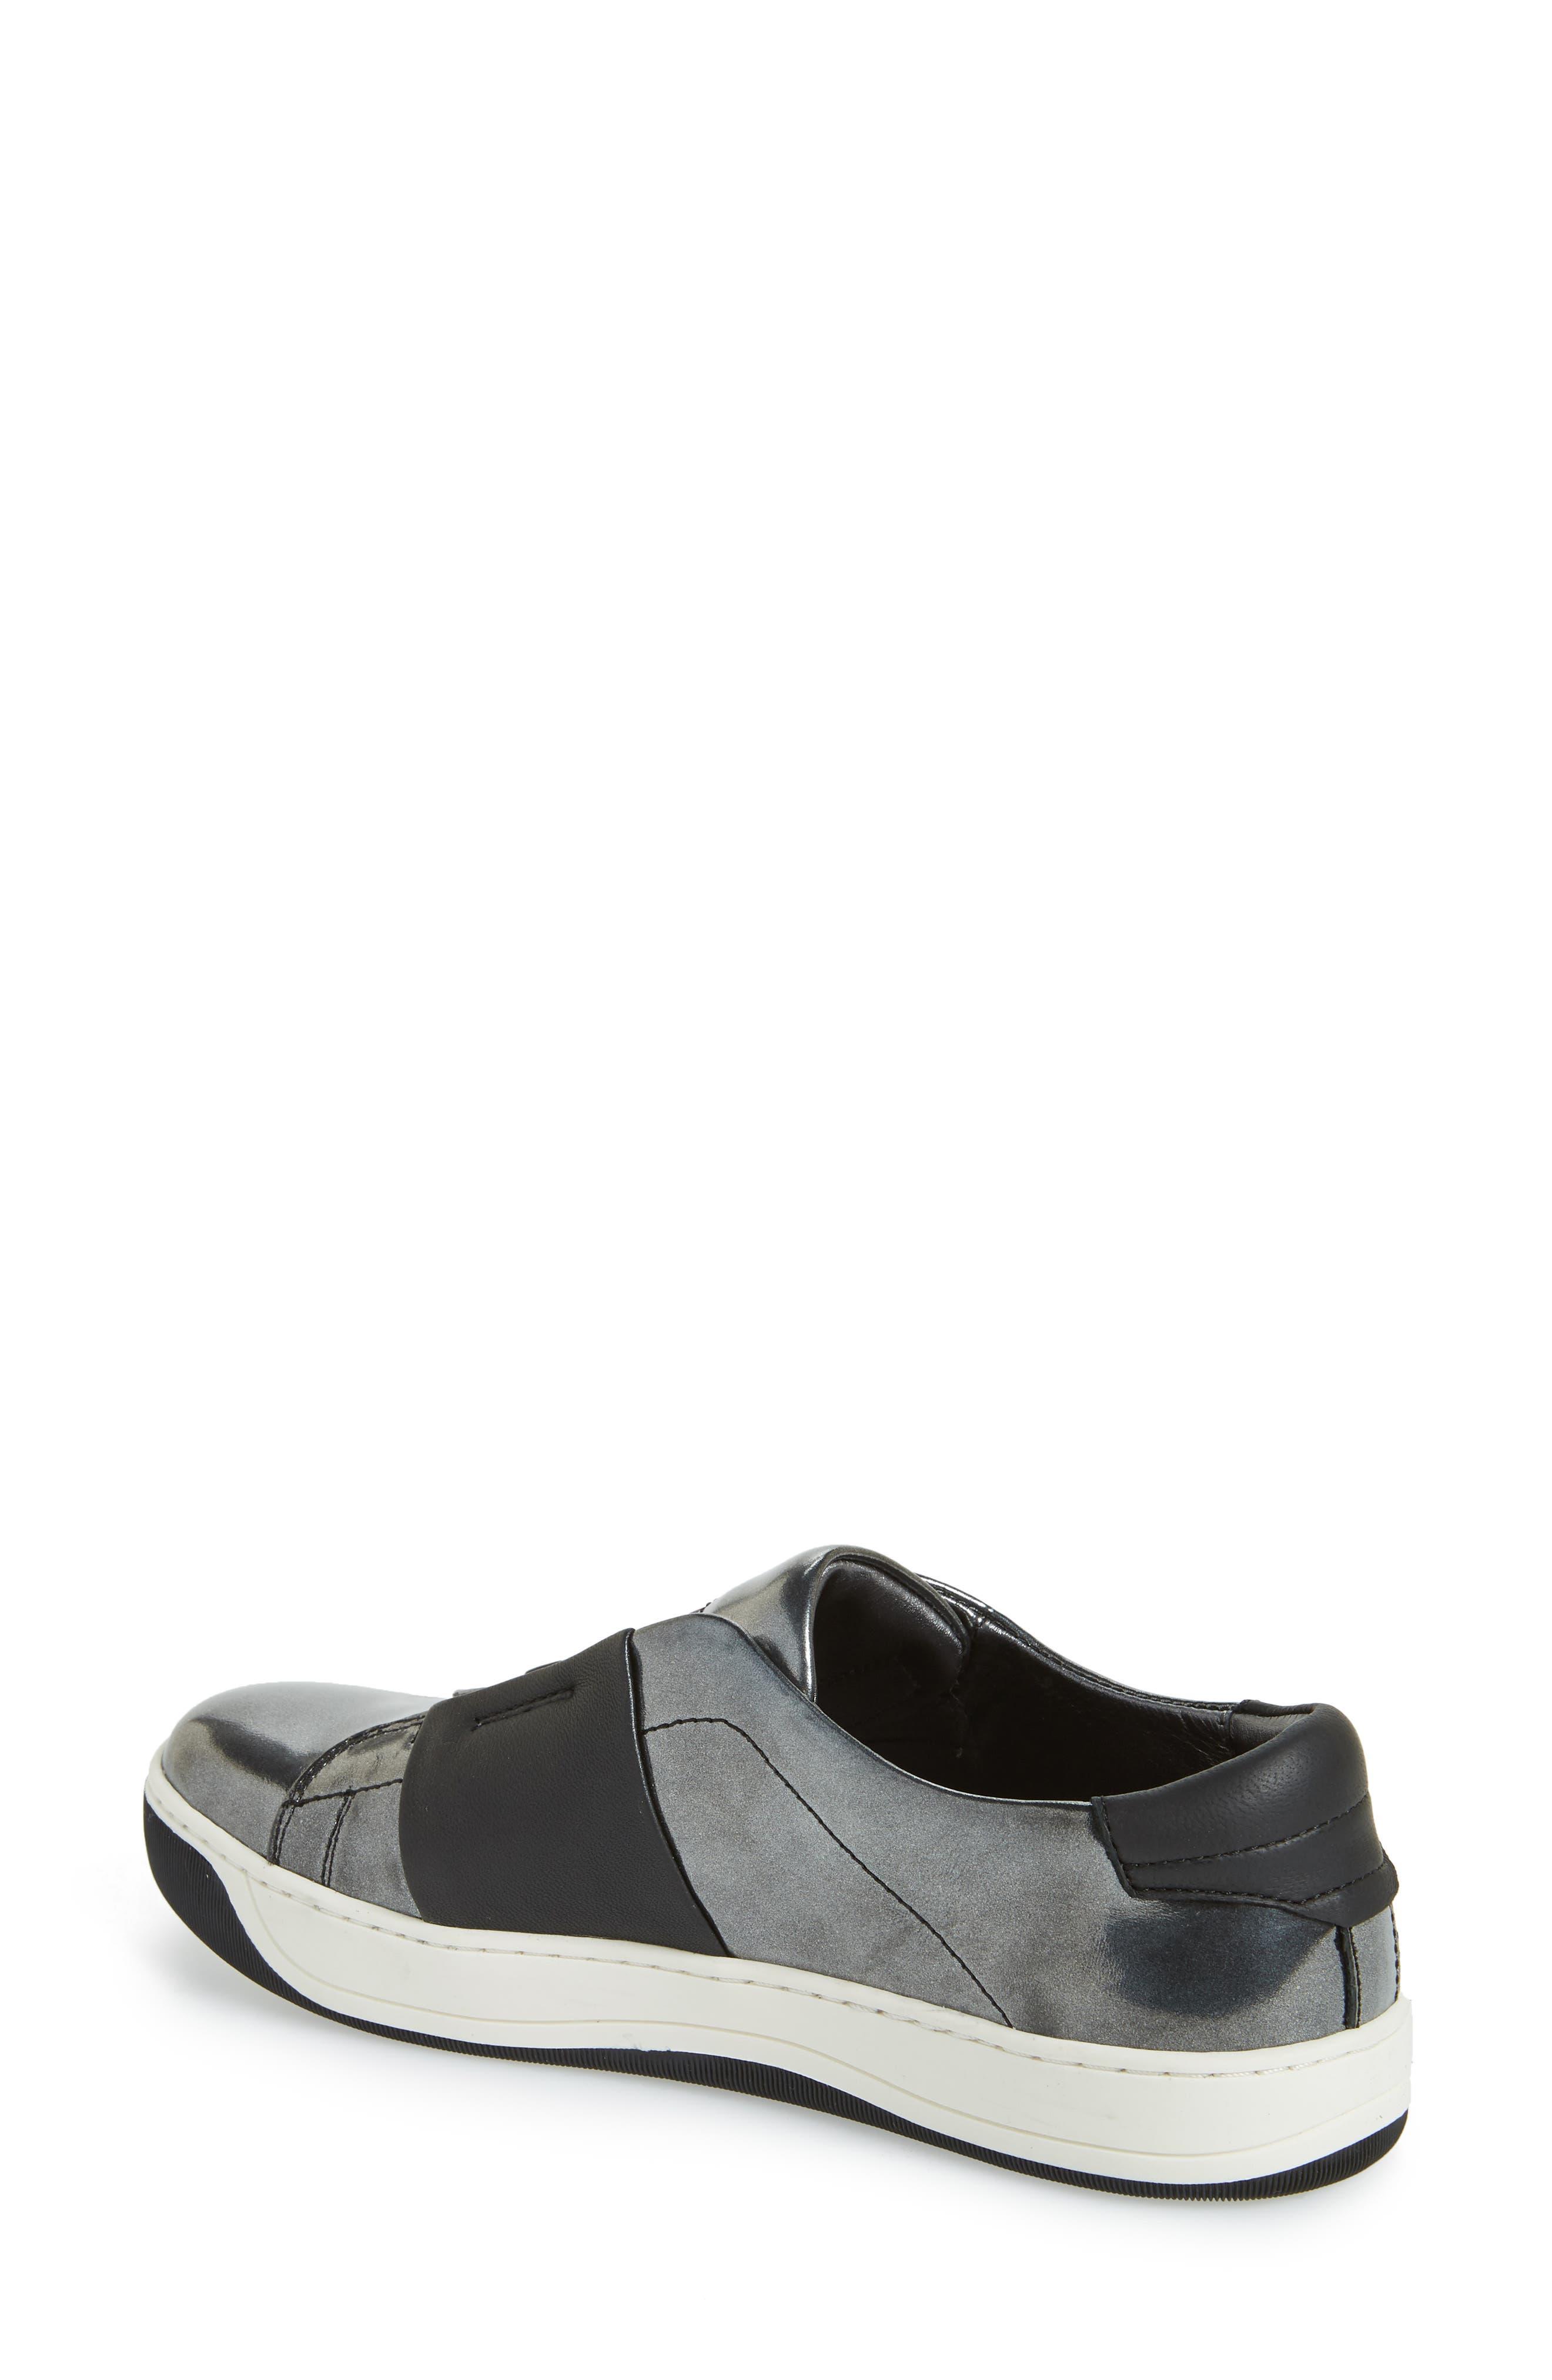 JOHNSTON & MURPHY,                             Eden Slip-On Sneaker,                             Alternate thumbnail 2, color,                             GRAPHITE LEATHER